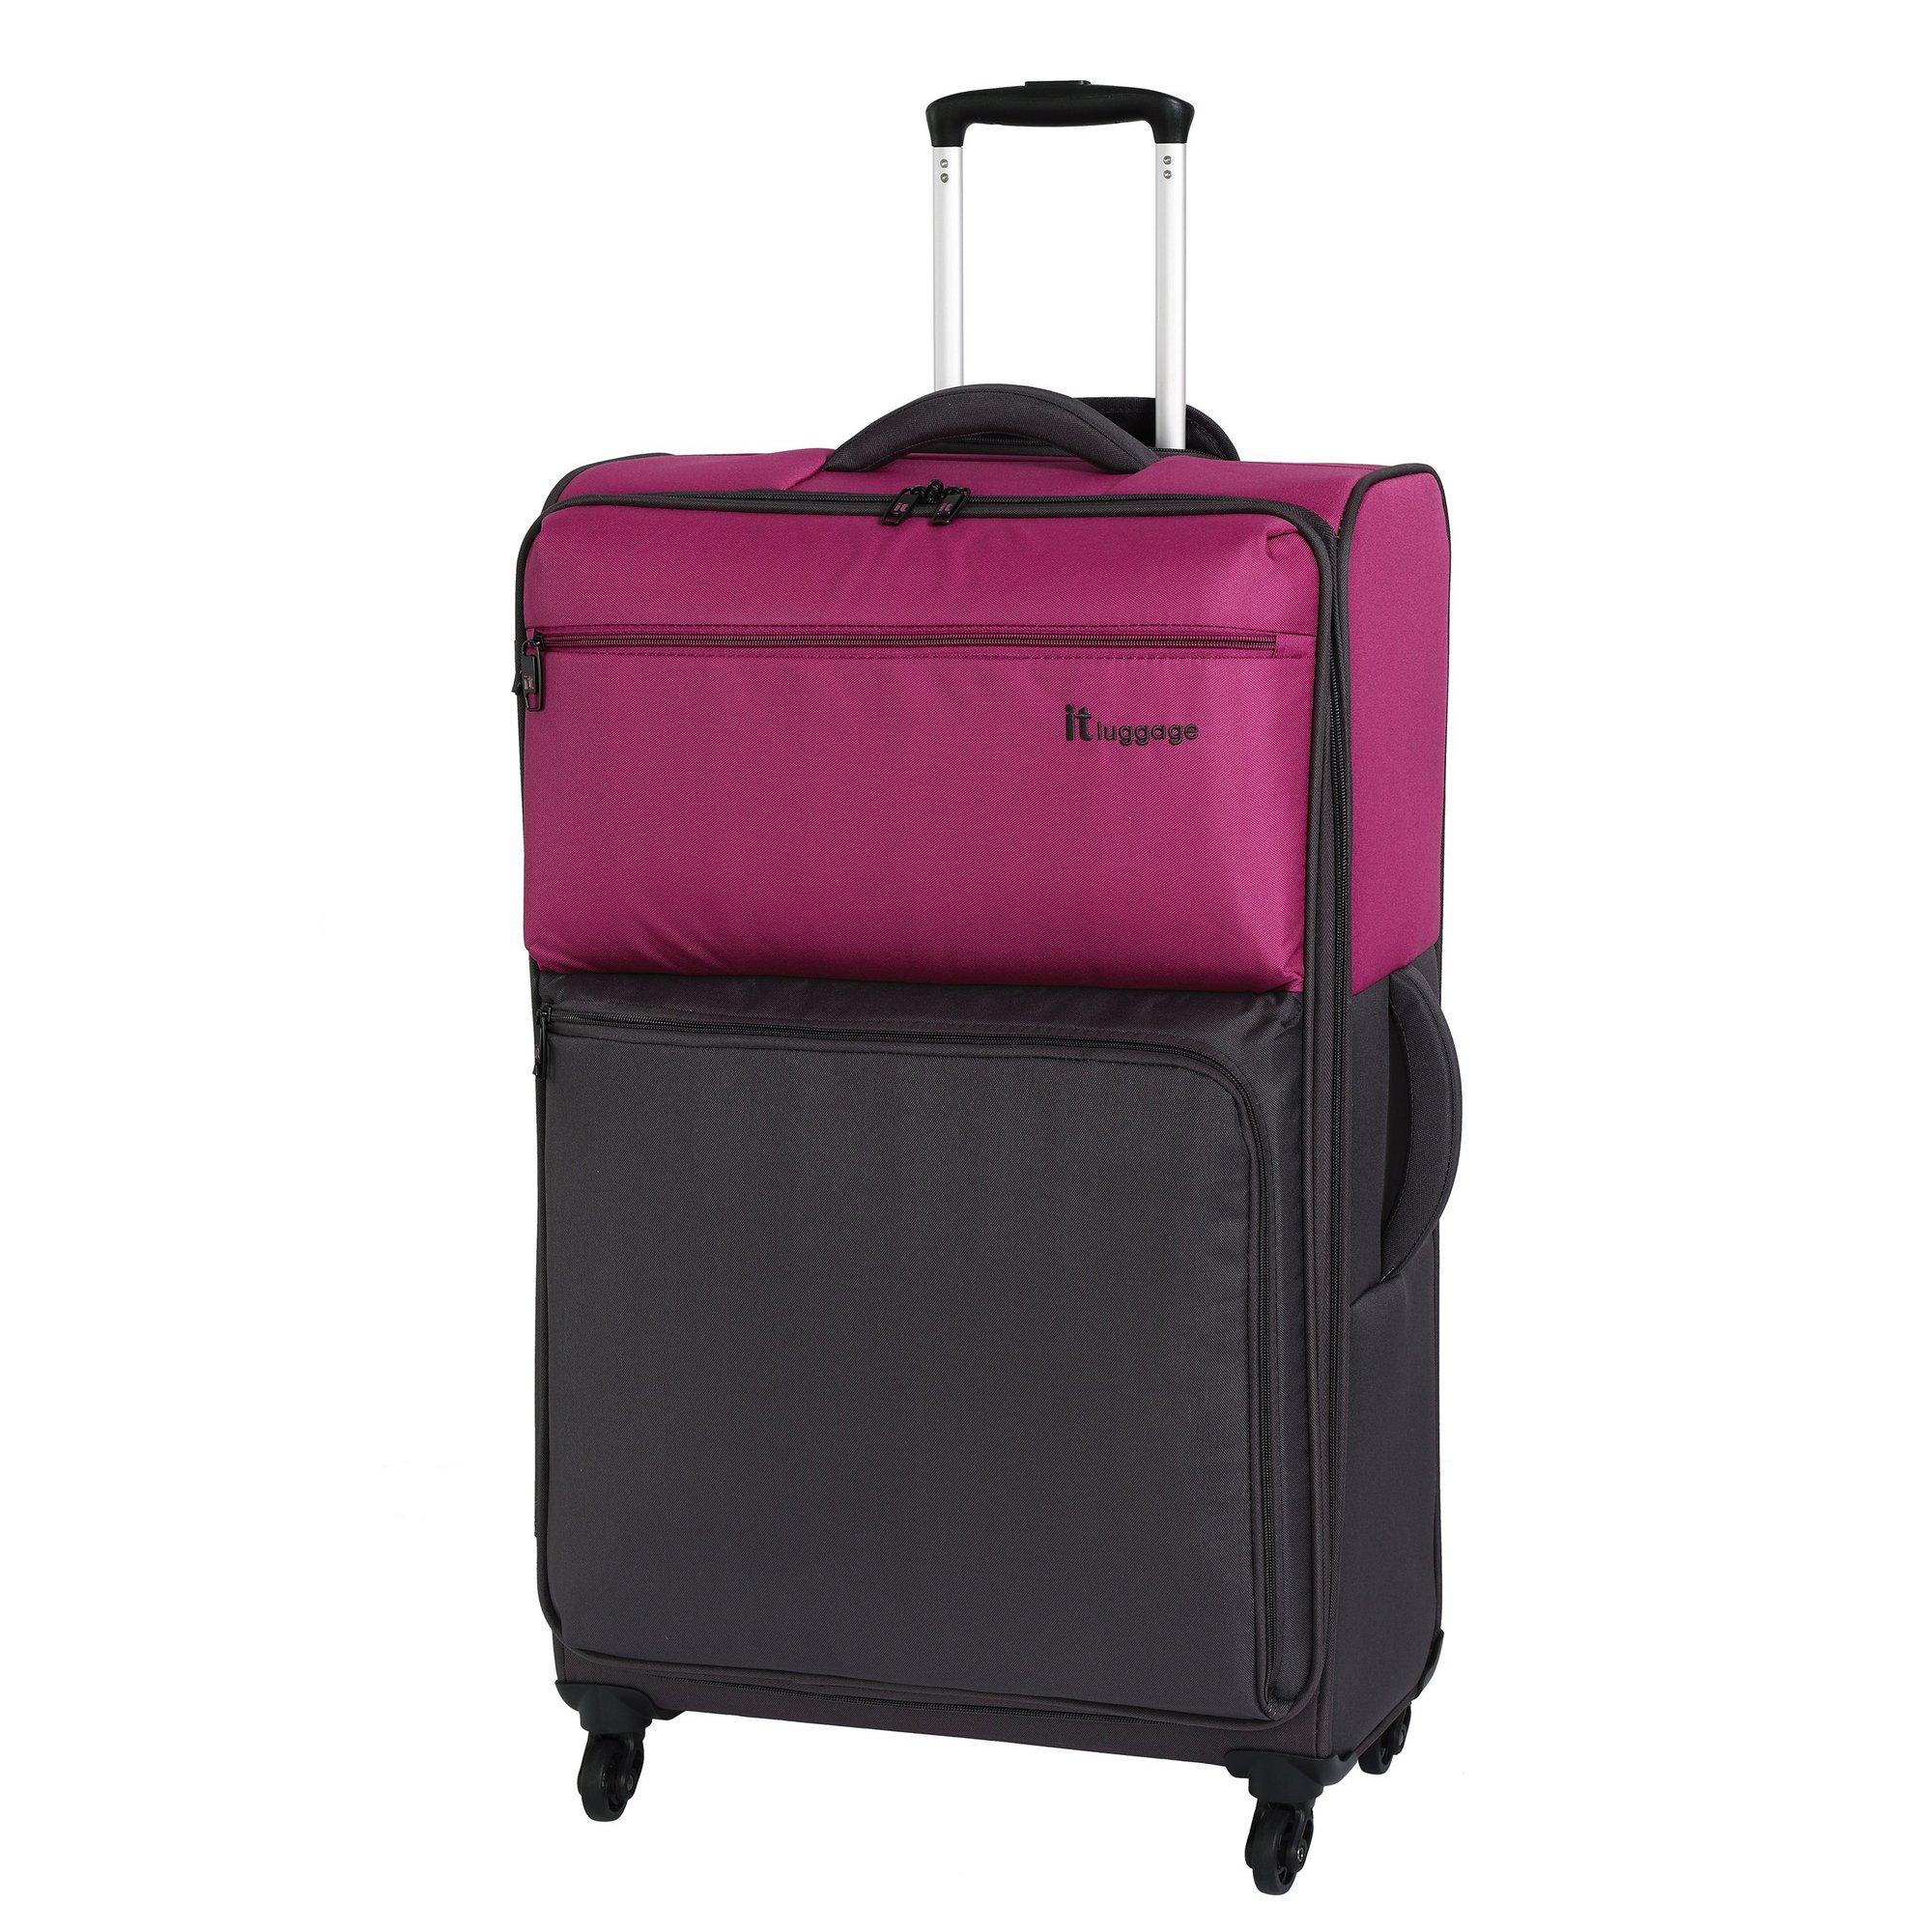 Image of IT Luggage Duo Tone 4 Wheel Magenta Suitcase